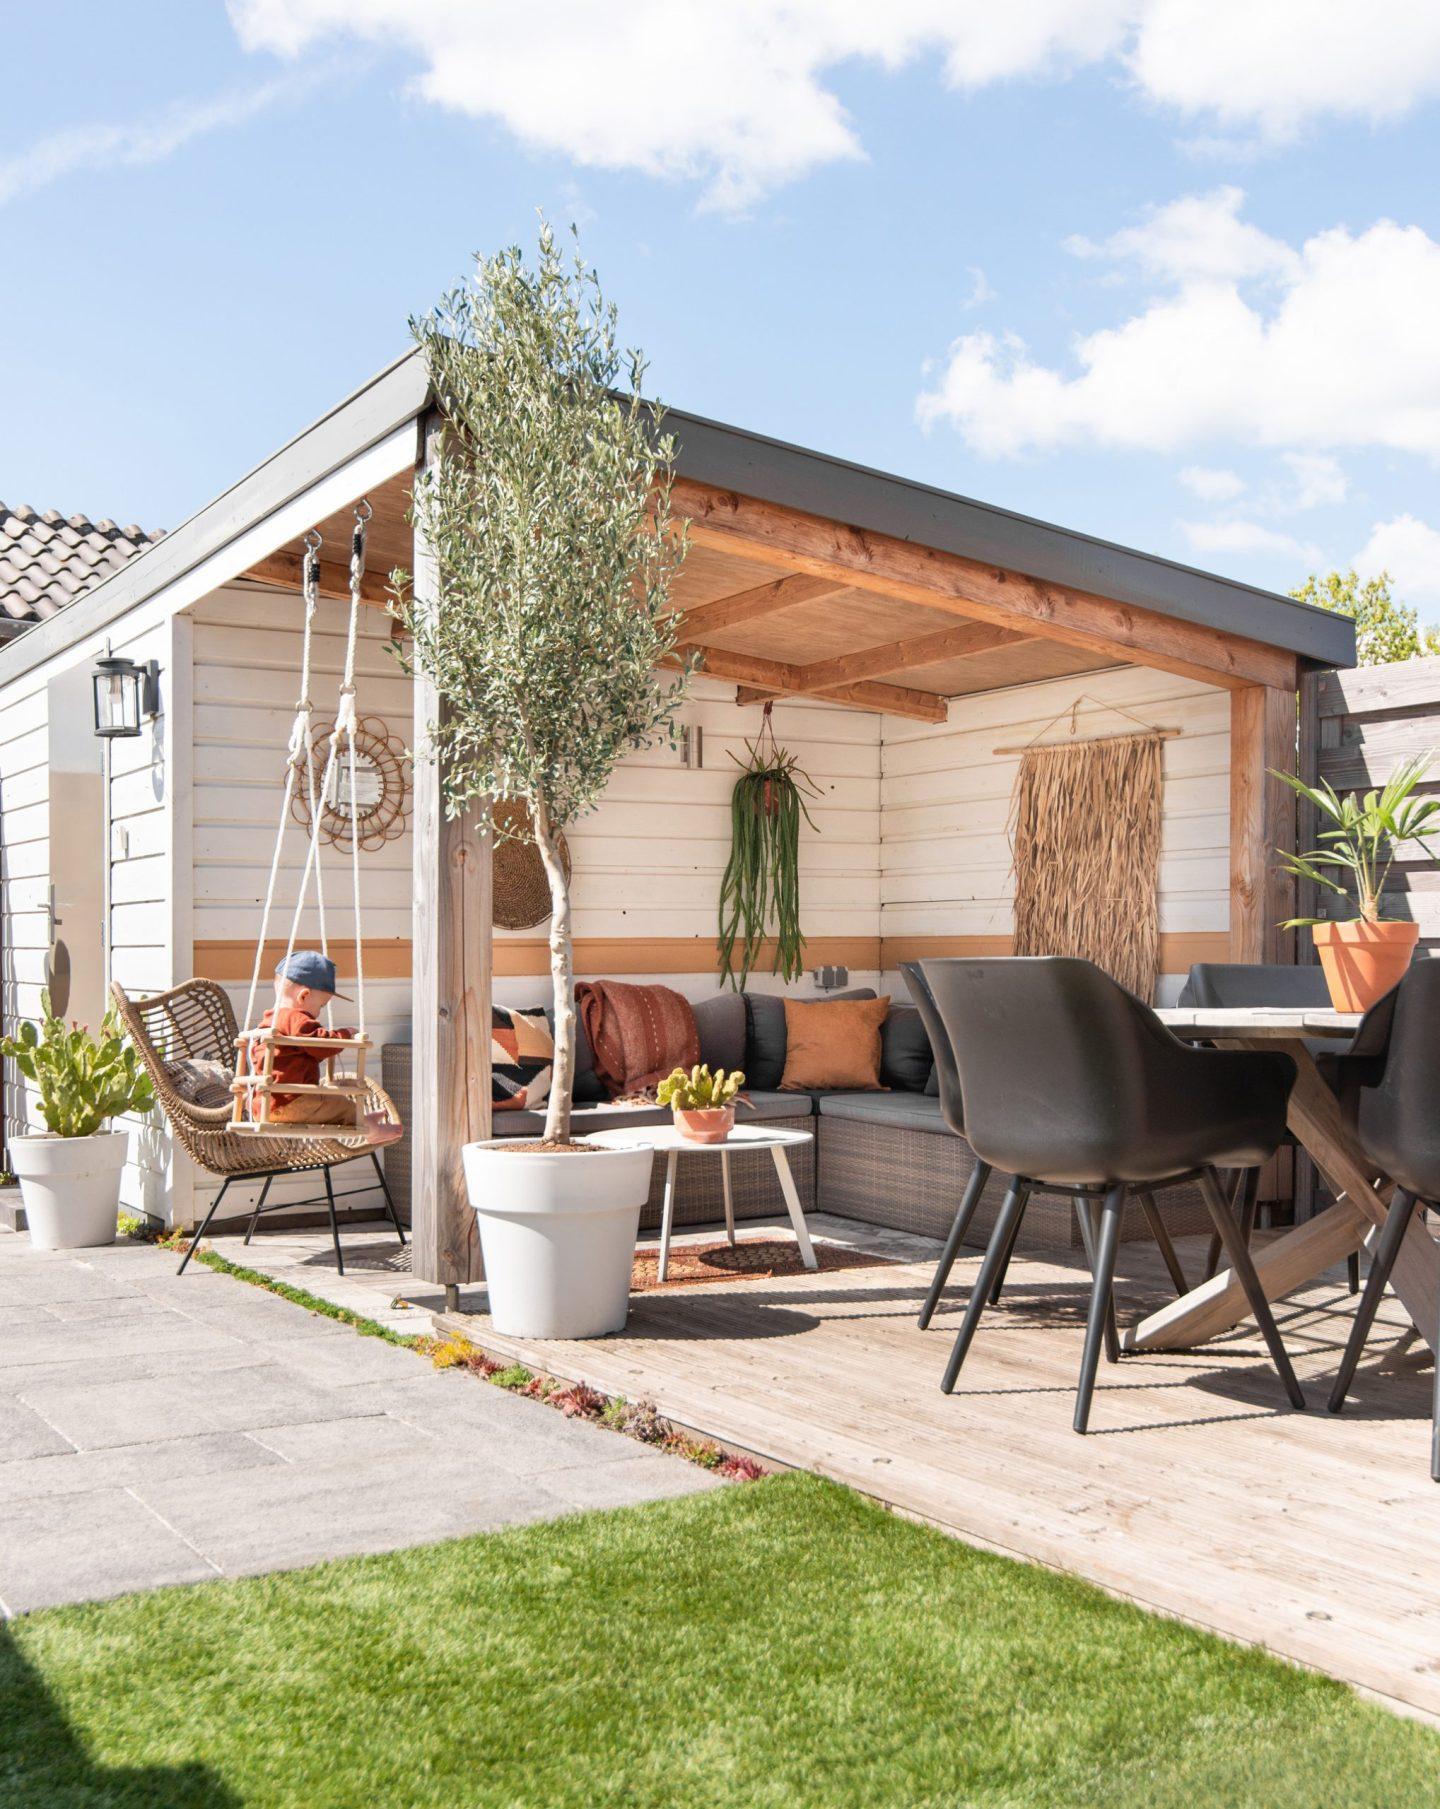 keeelly91 metamorfose overkapping veranda tuin inspiratie buiten garden babyprooi